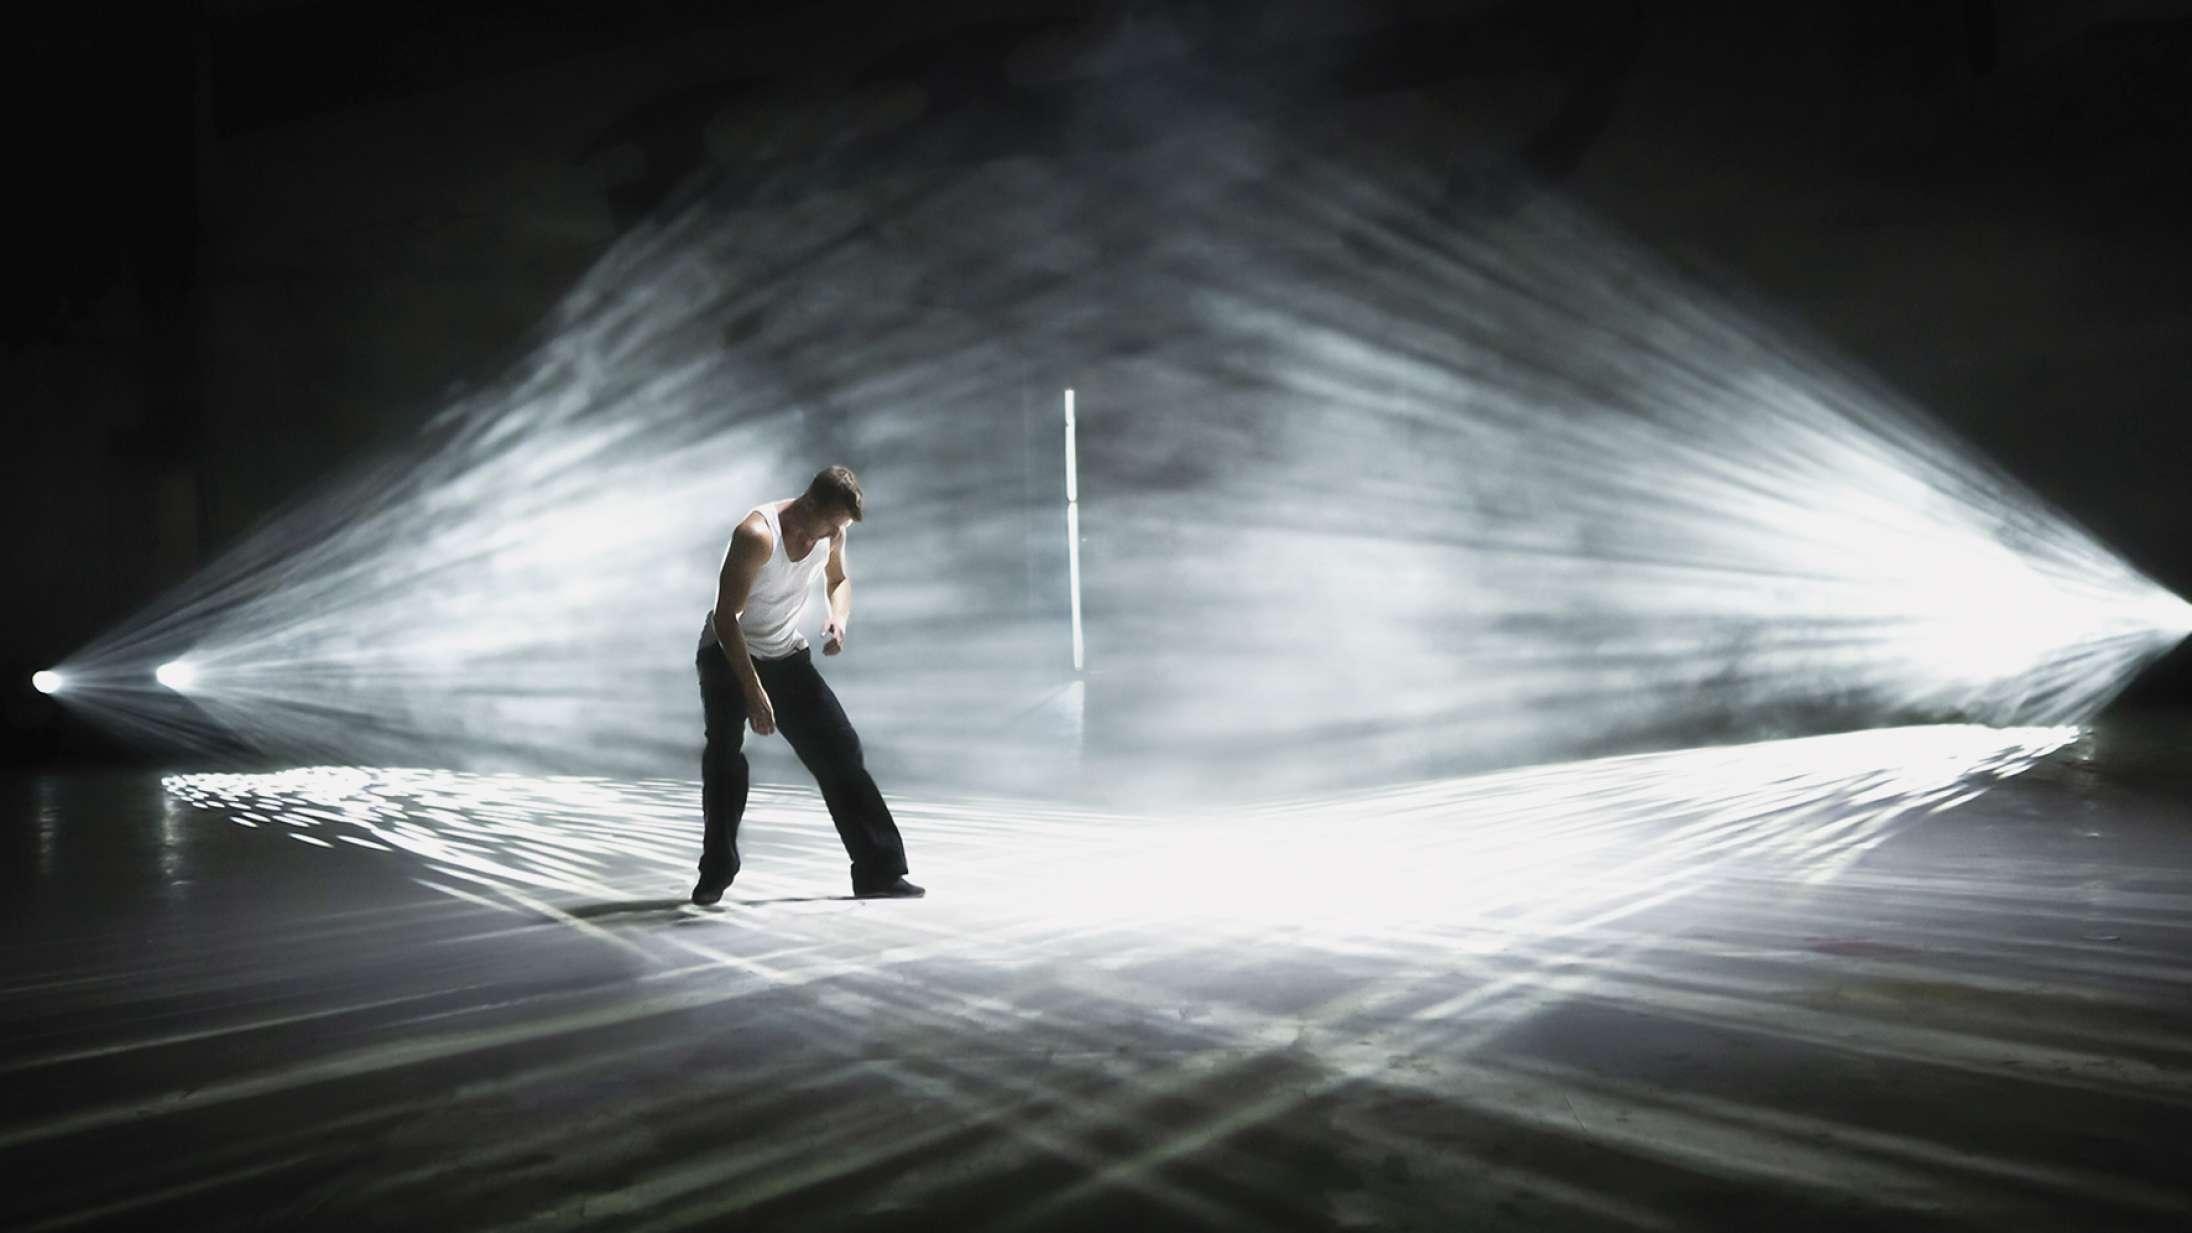 'Show Dancer': Neonlys møder barsk virkelighed i betagende film om en dansende misbruger